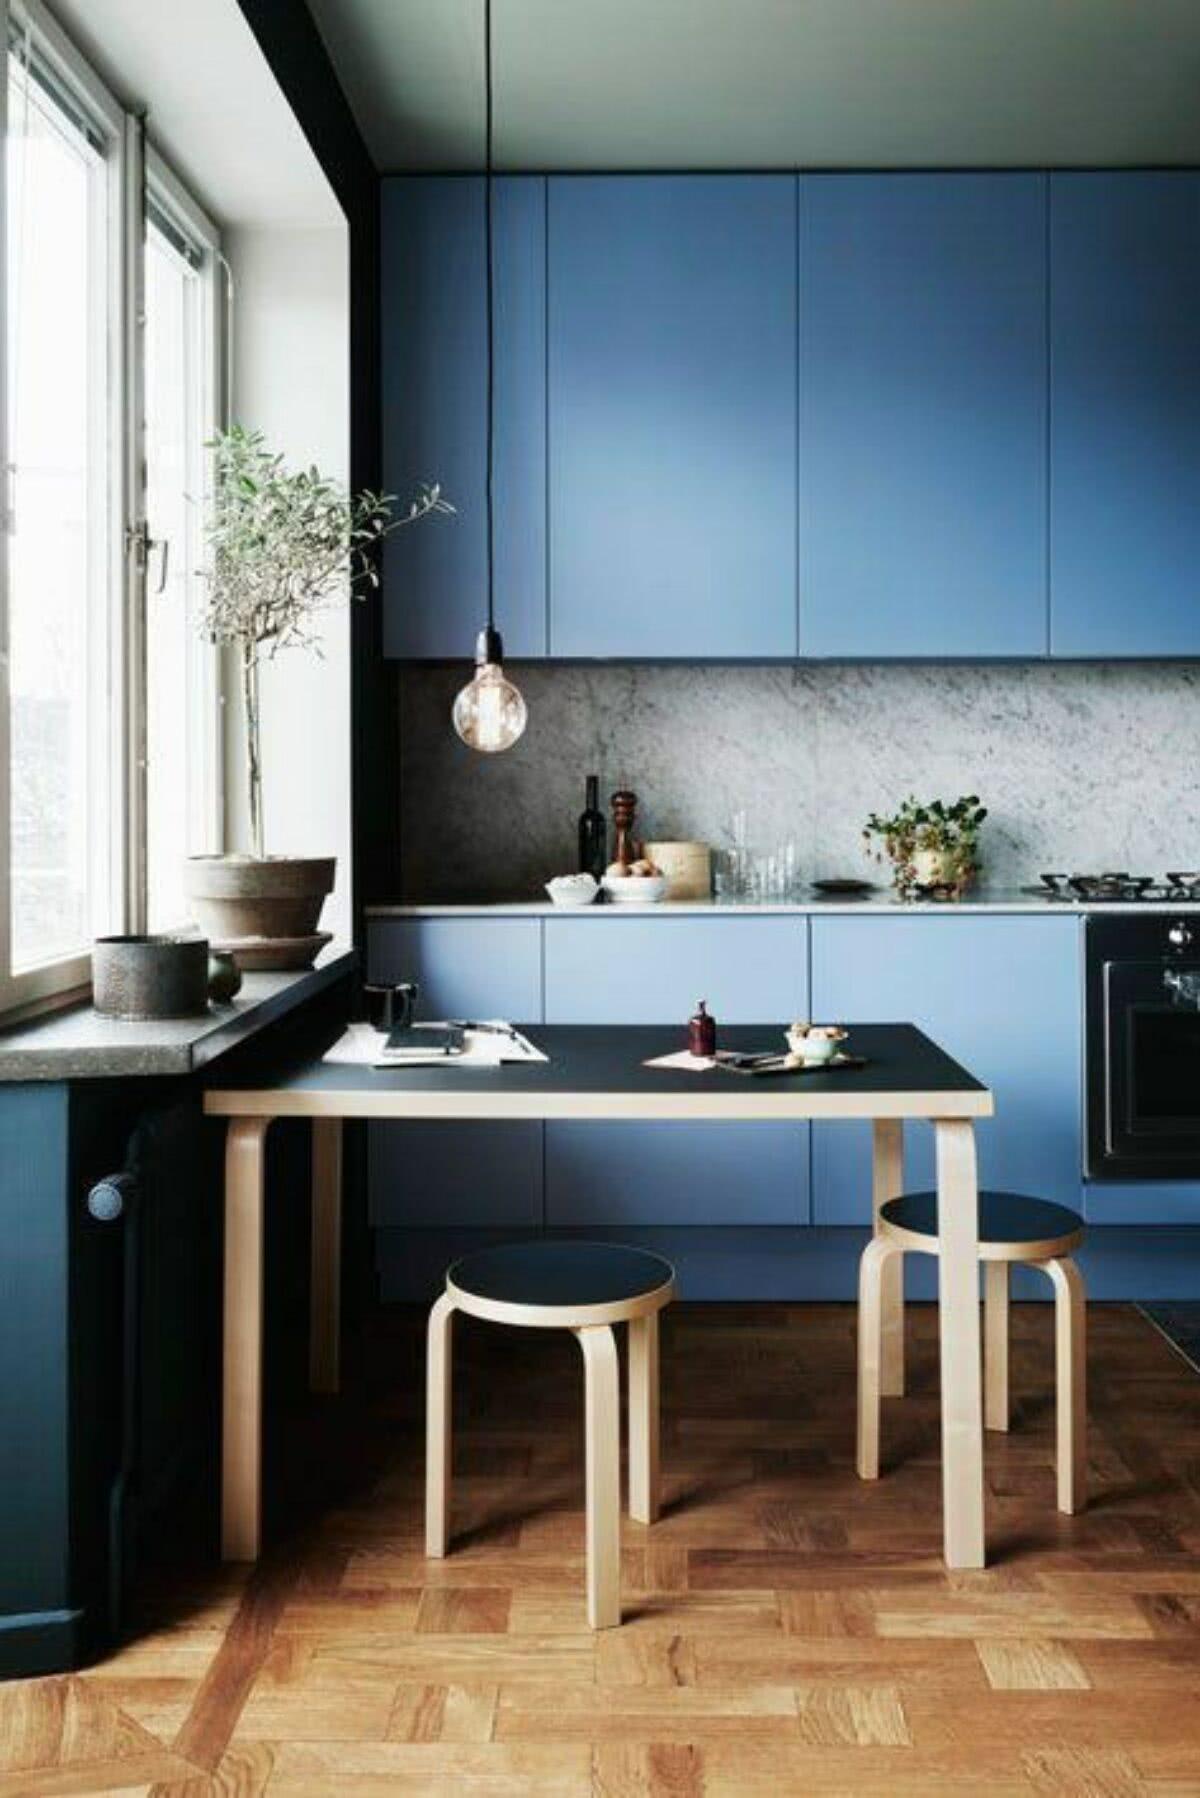 Cozinha Azul 70 Inspiracoes De Decoracao Com A Cor